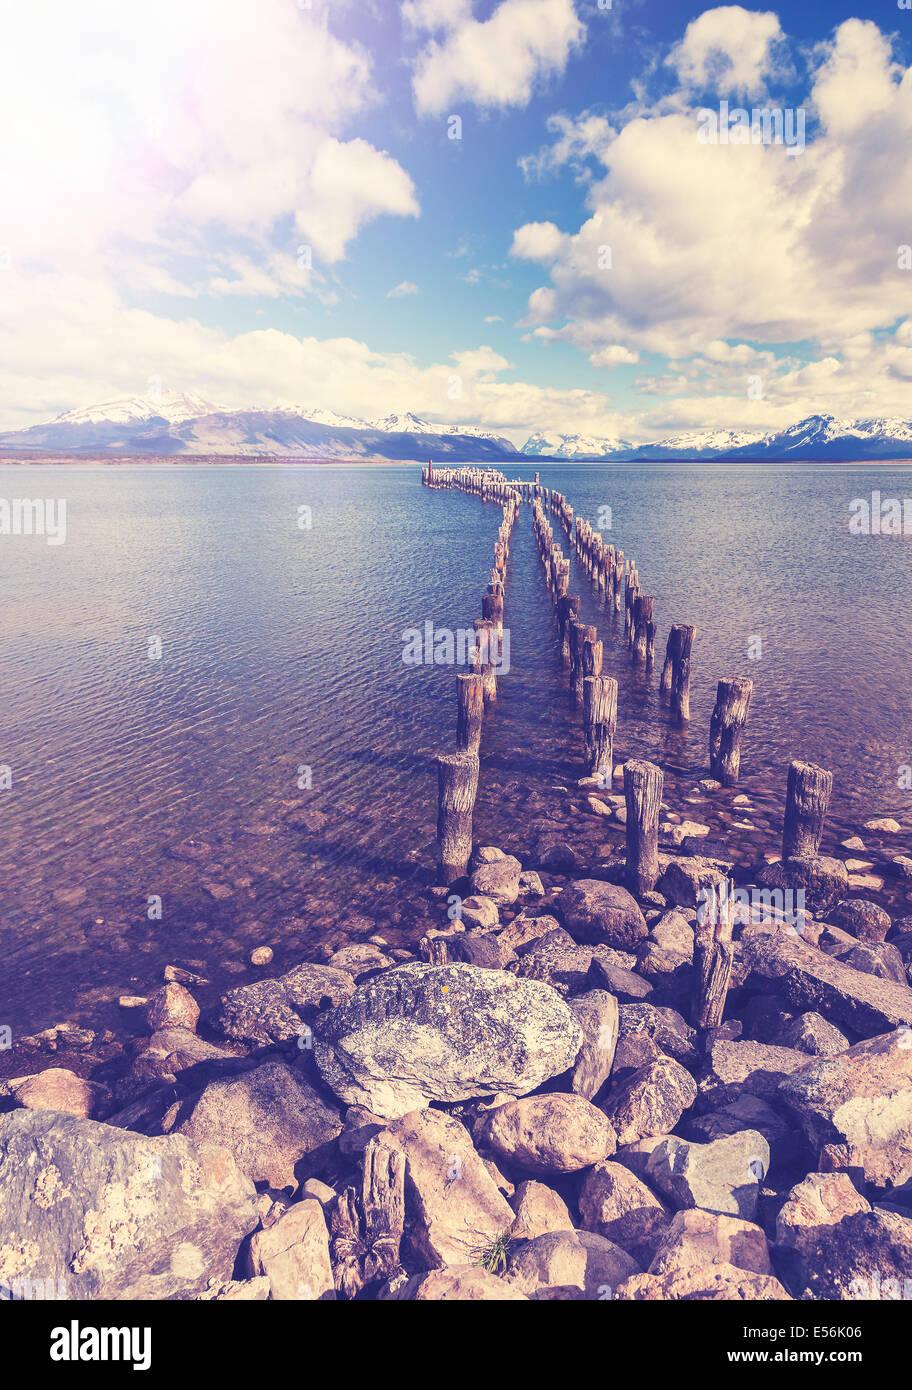 Vintage landscape. - Stock Image